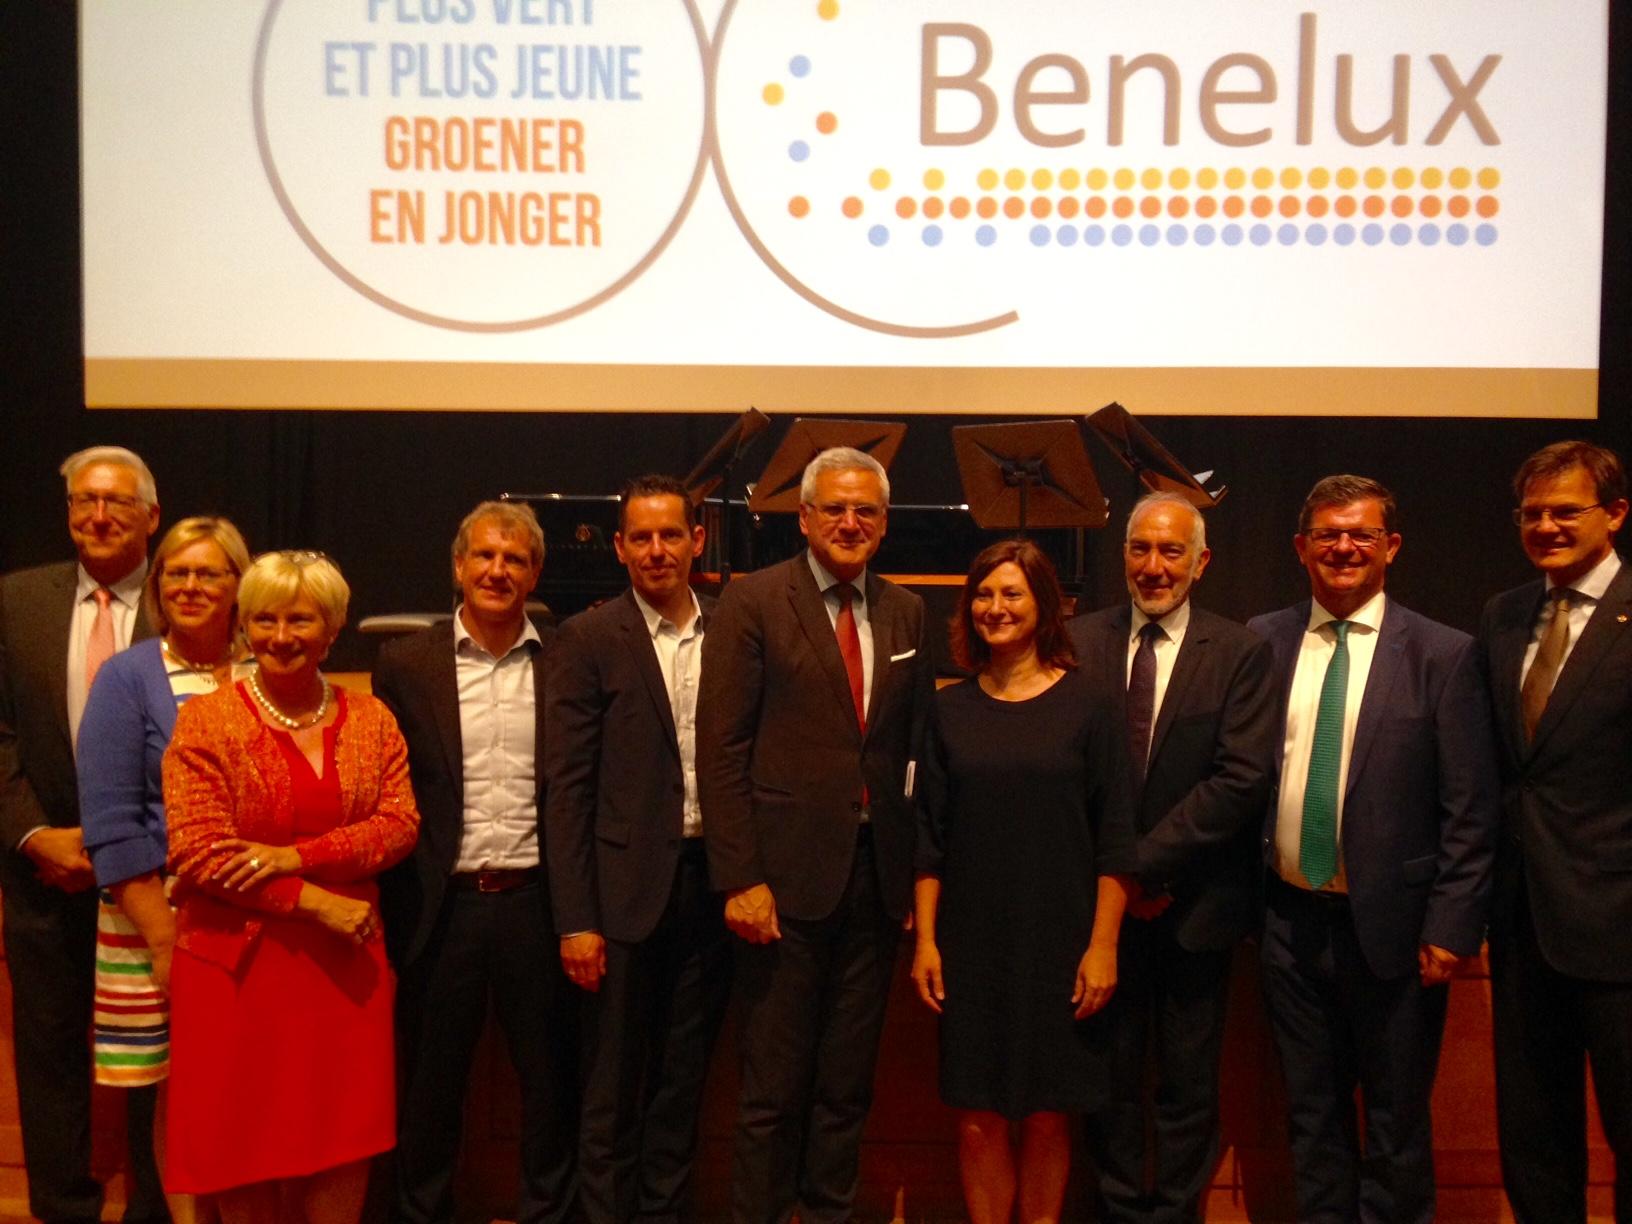 Benelux viert 60ste verjaardag